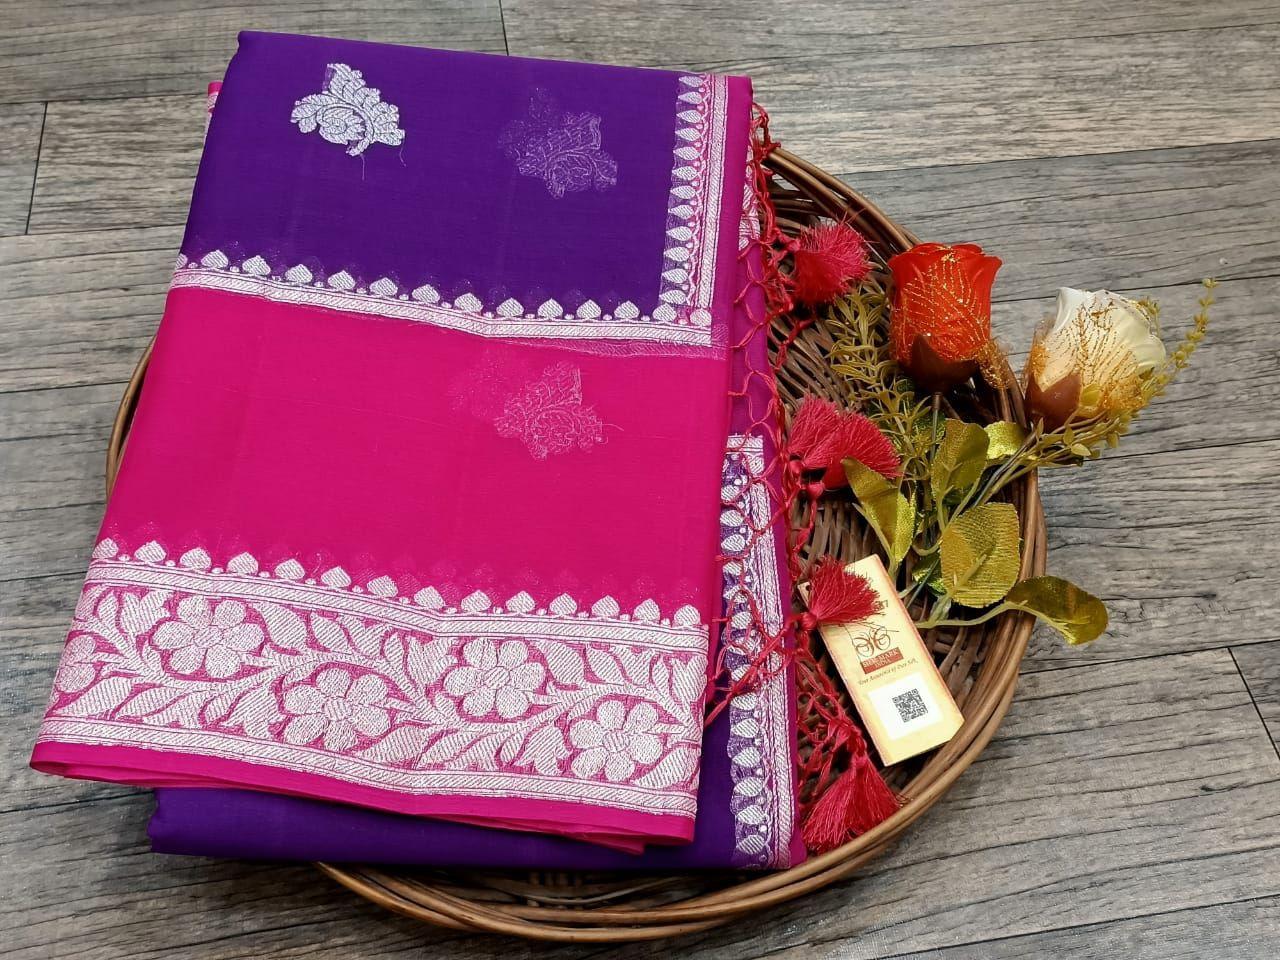 Violet and Pink Banarasi Saree